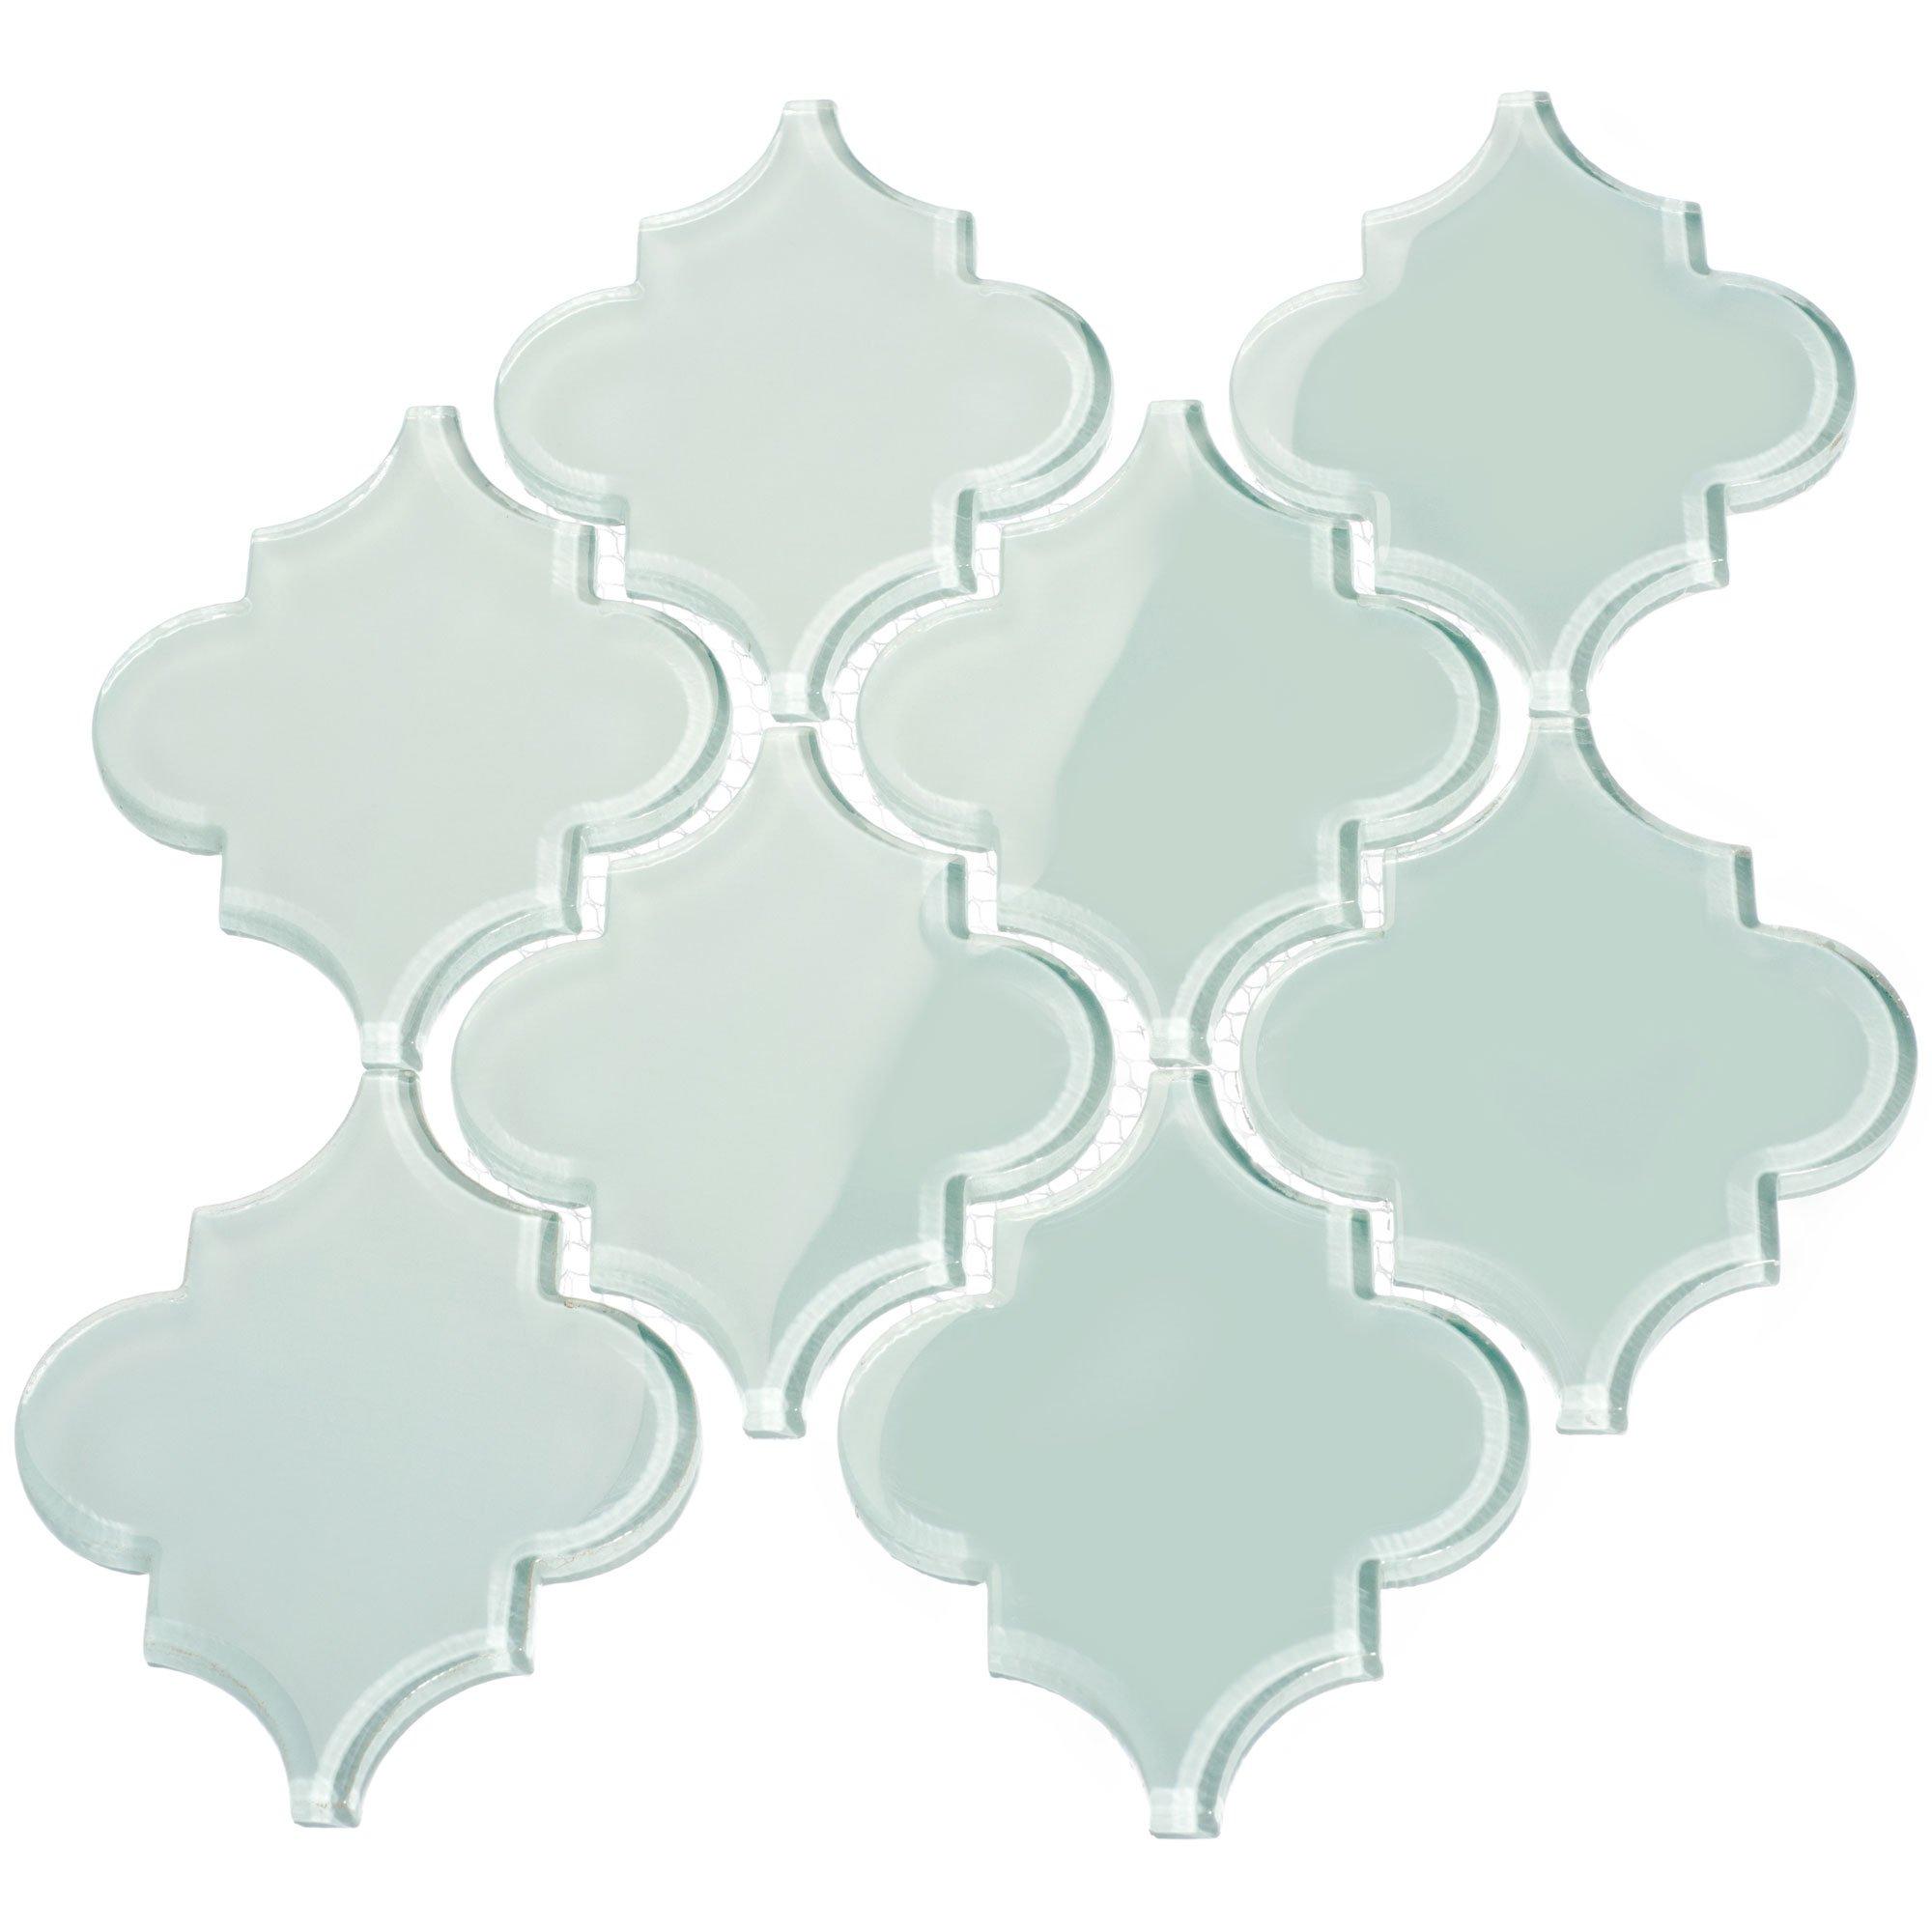 Giorbello G9133 Glass Arabesque Tile, Baby Blue